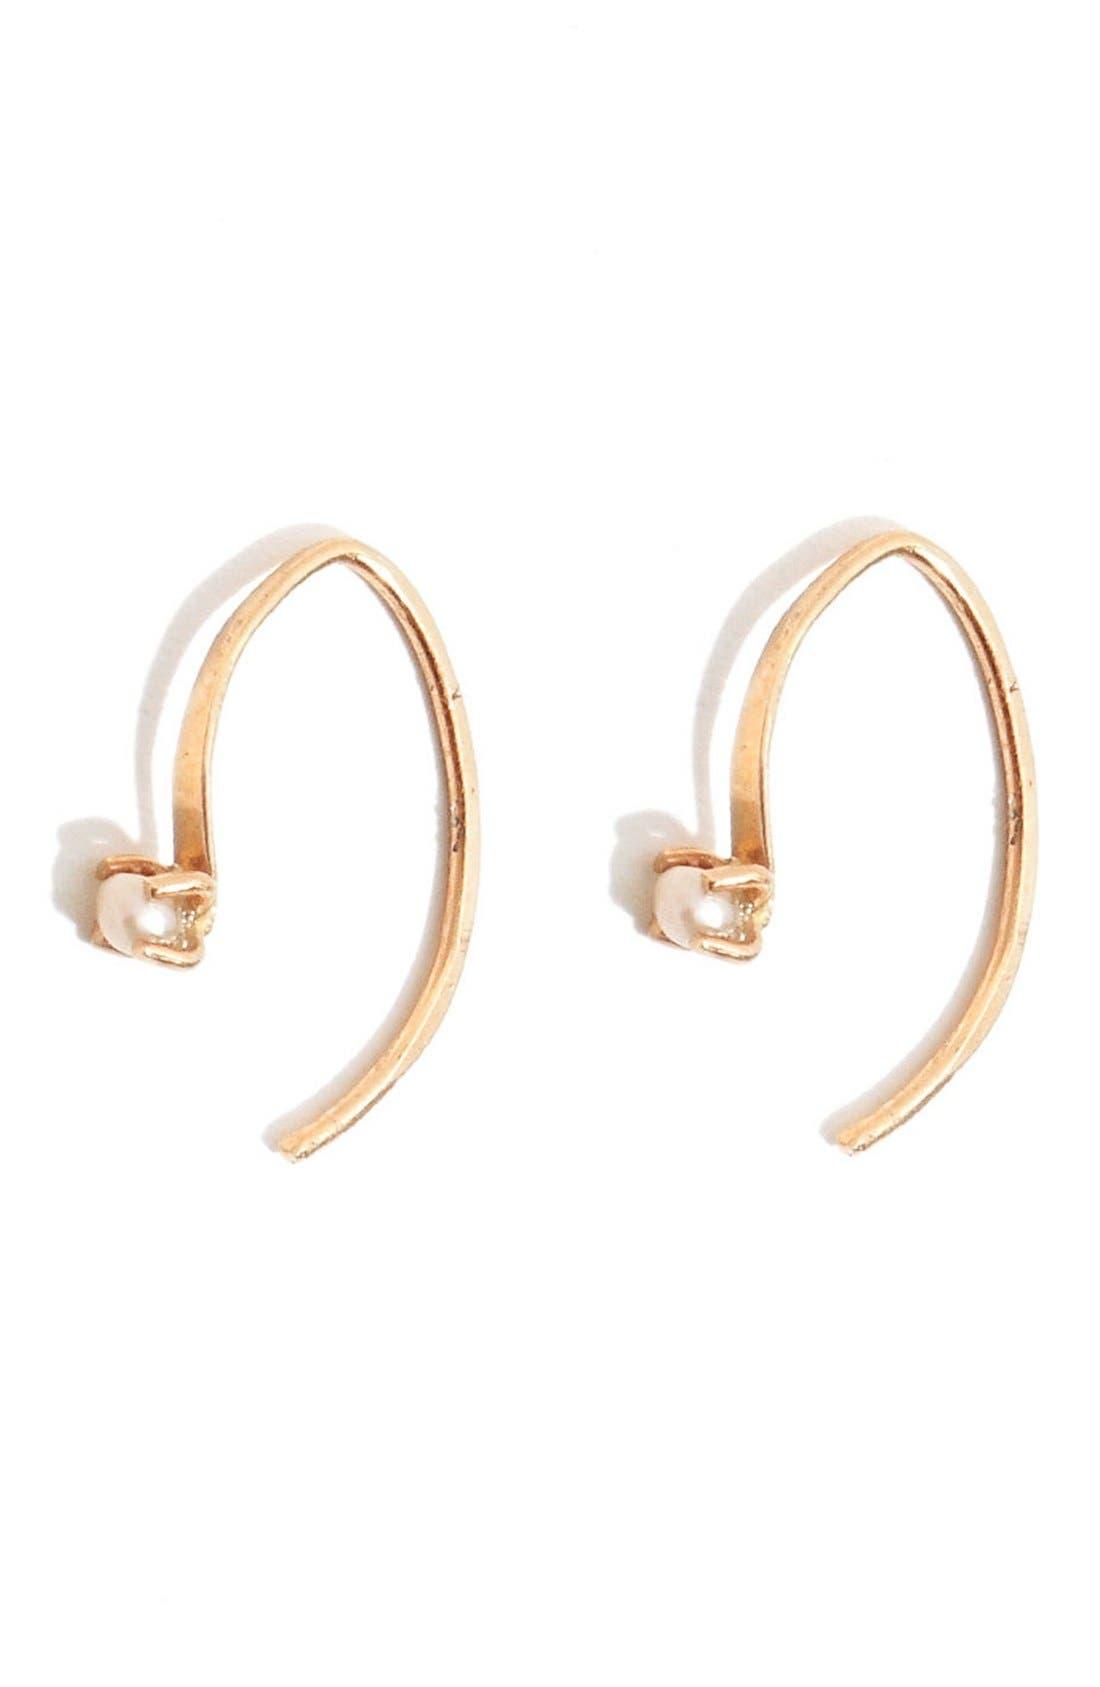 MELISSA JOY MANNING 'Mini Wishbone' Pearl Hoop Earrings